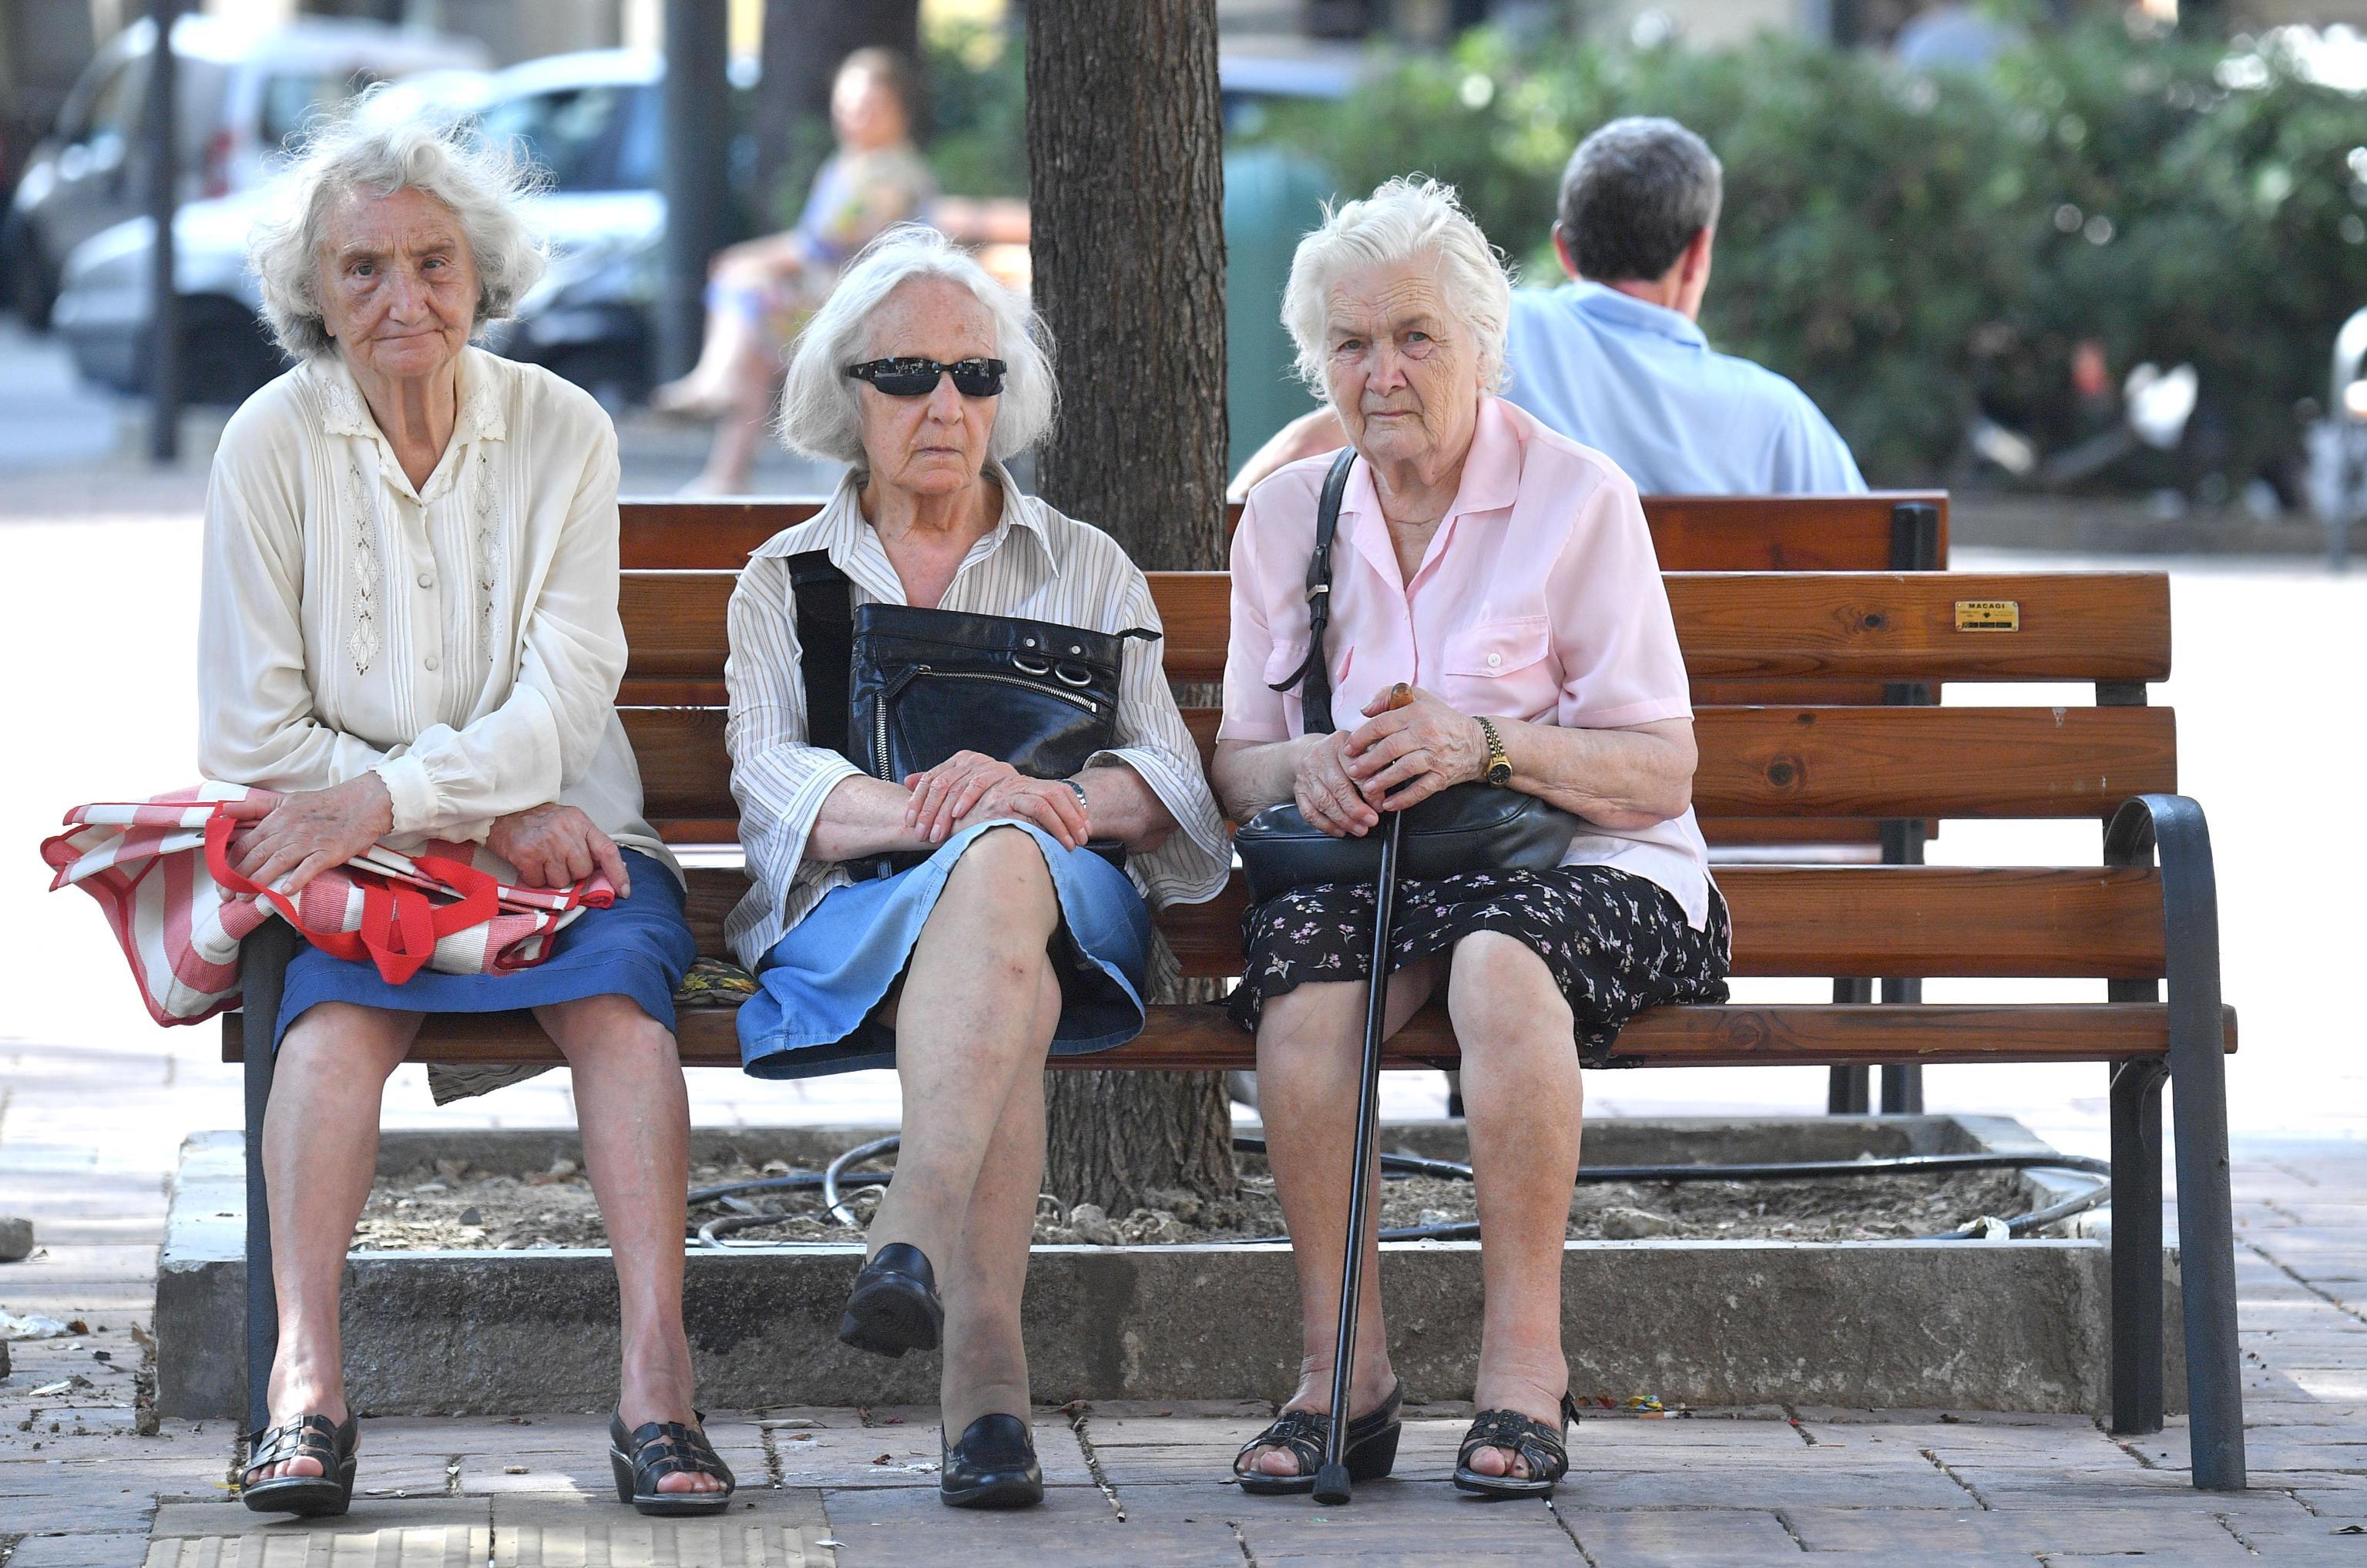 Invecchiamento attivo: presentato in Senato il Manifesto dell'Intergruppo parlamentare